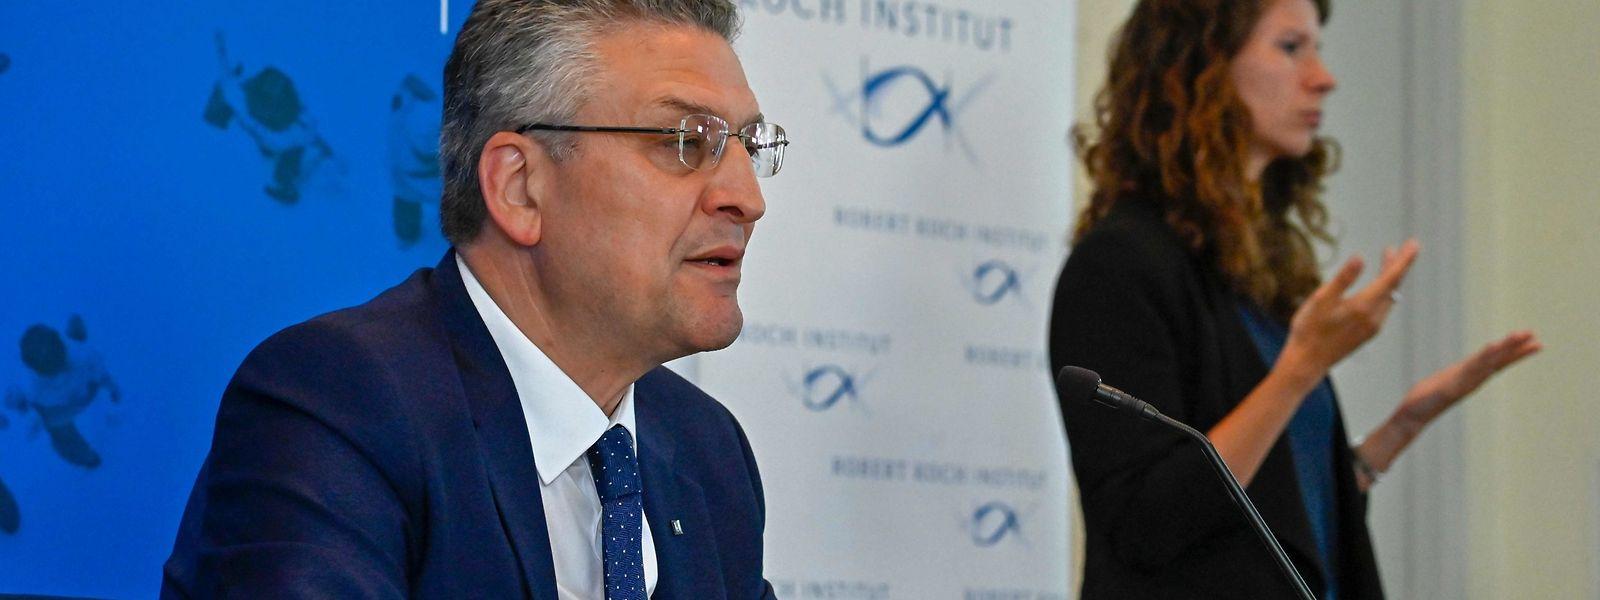 Der Leiter des Robert Koch Instituts (RKI), Lothar Wieler, ist besorgt über die Corona-Entwicklung in Deutschland.